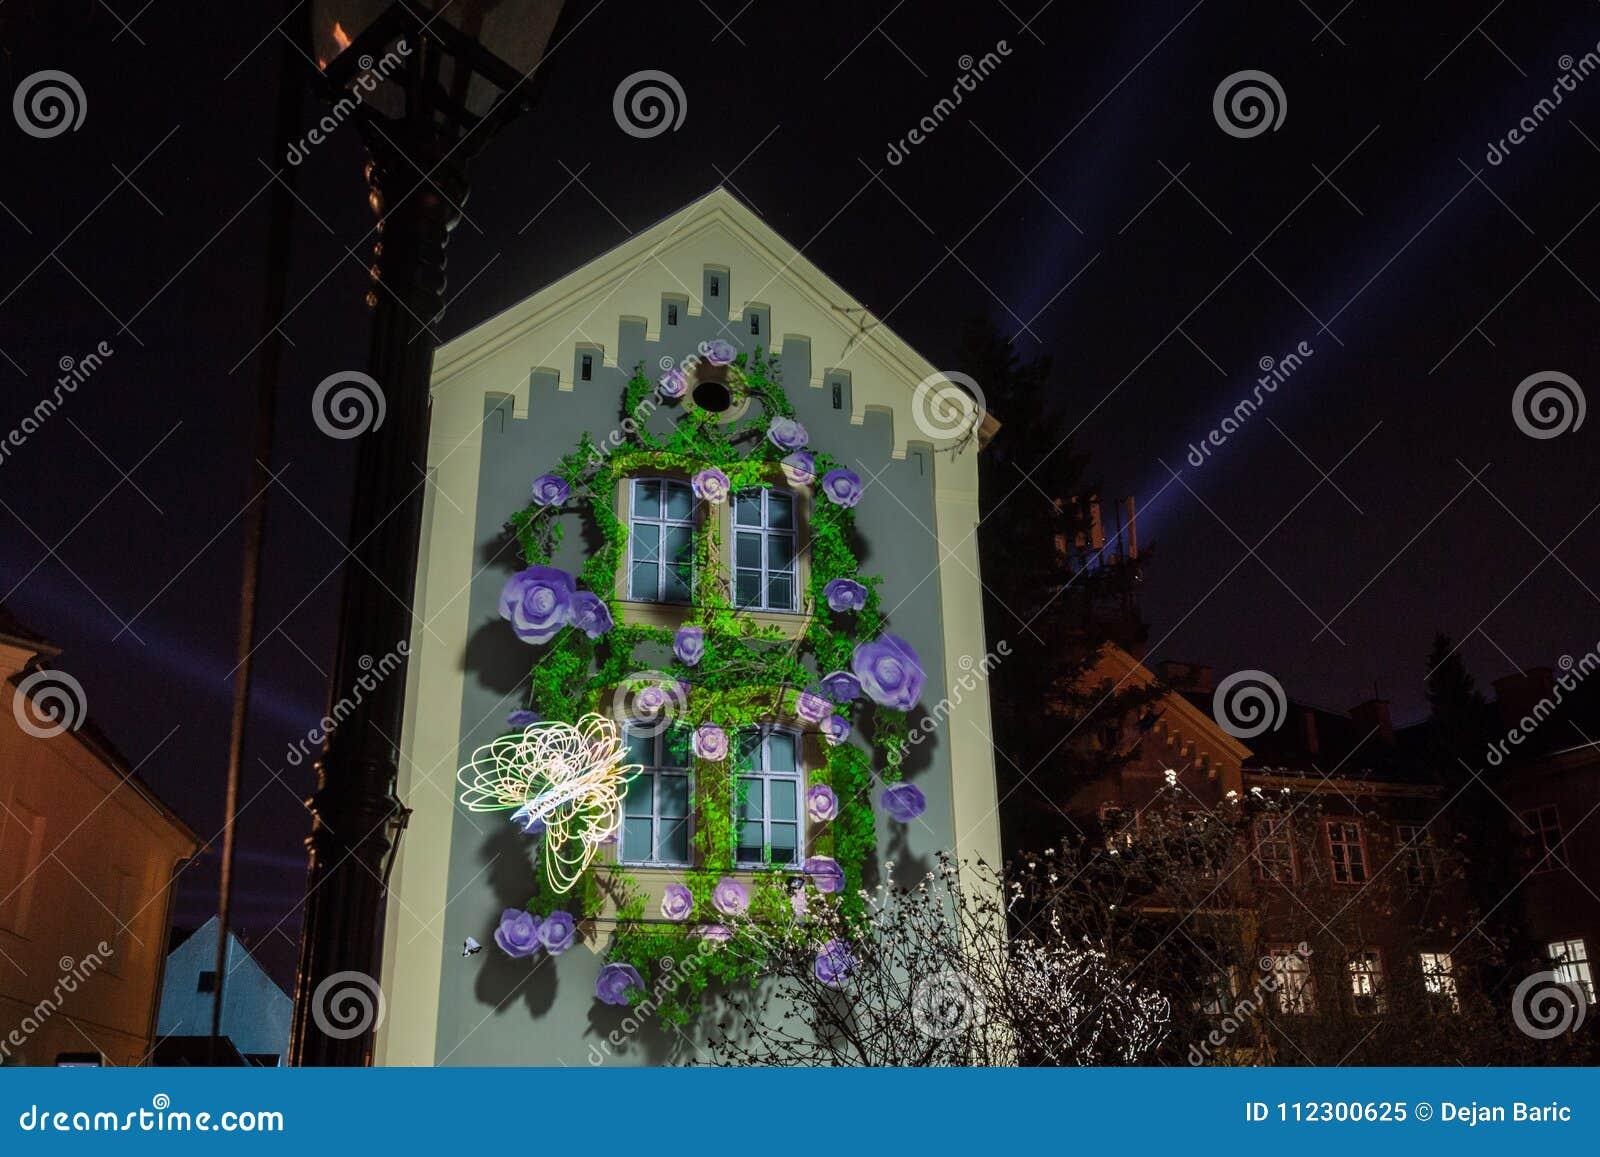 16th mart 2018. Zagreb, Croatia – Festival of light in Zagreb